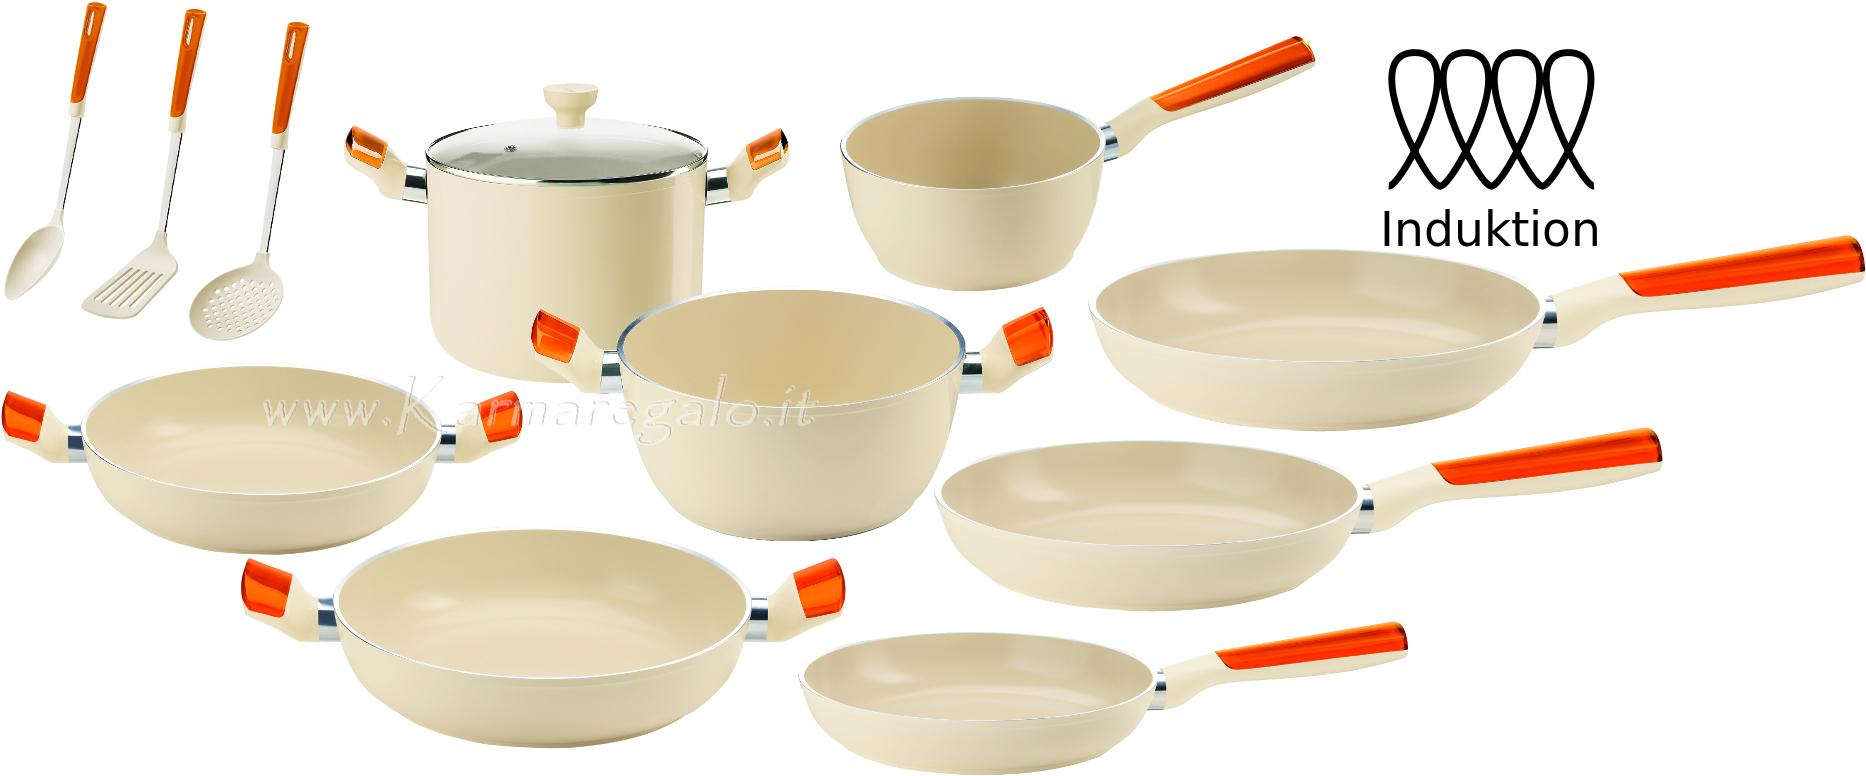 Batteria in ceramica per induzione 8 pezzi guzzini - Pentole per cucine a induzione ...